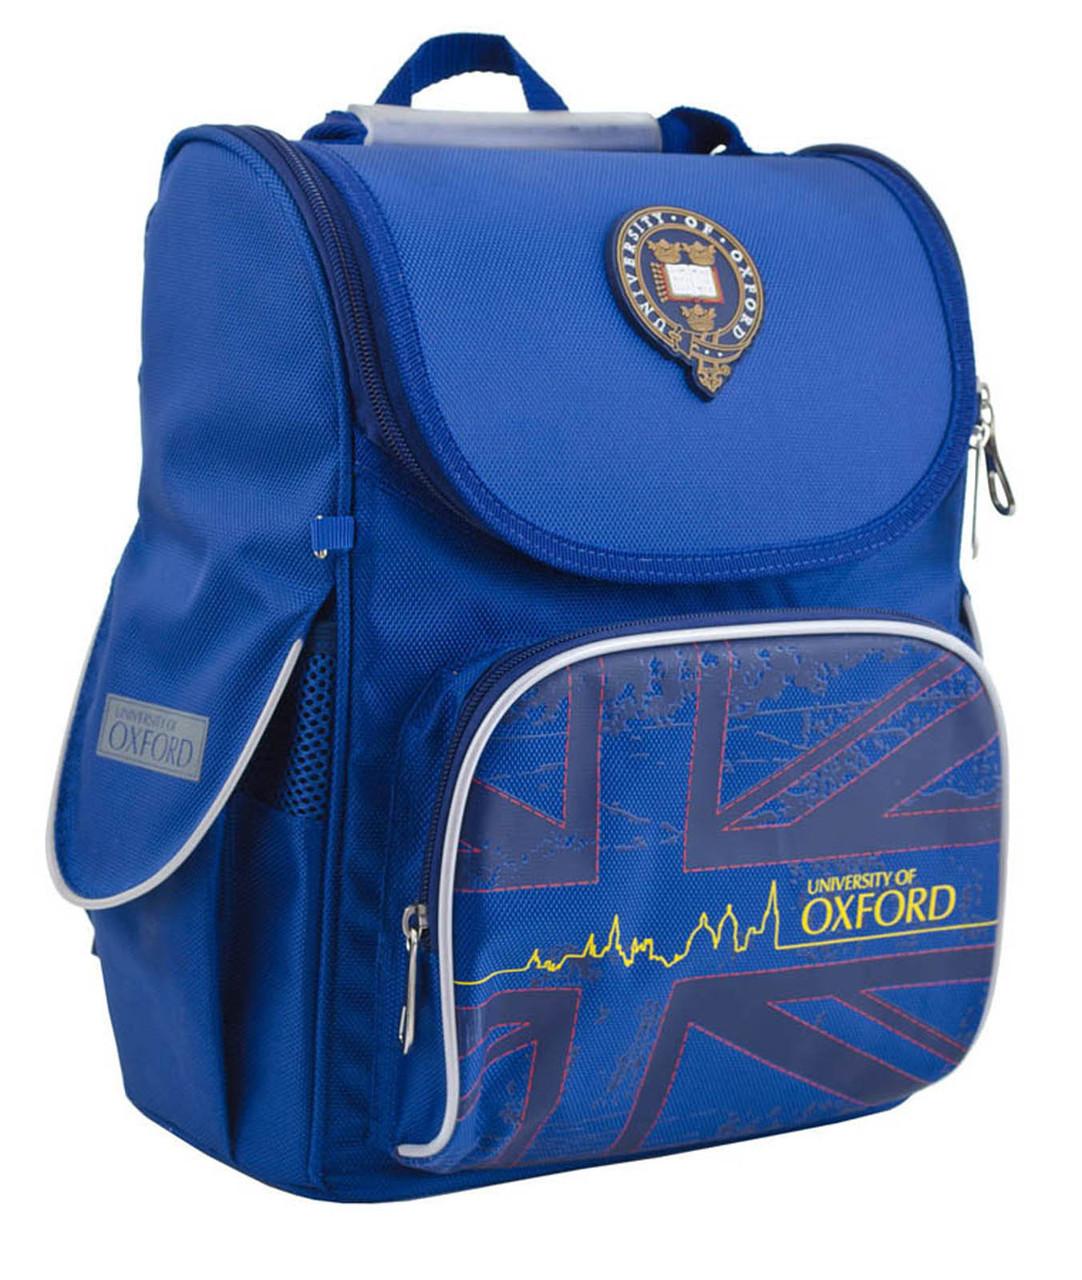 Рюкзак каркасный H-11 Oxford blue, 34*26*14